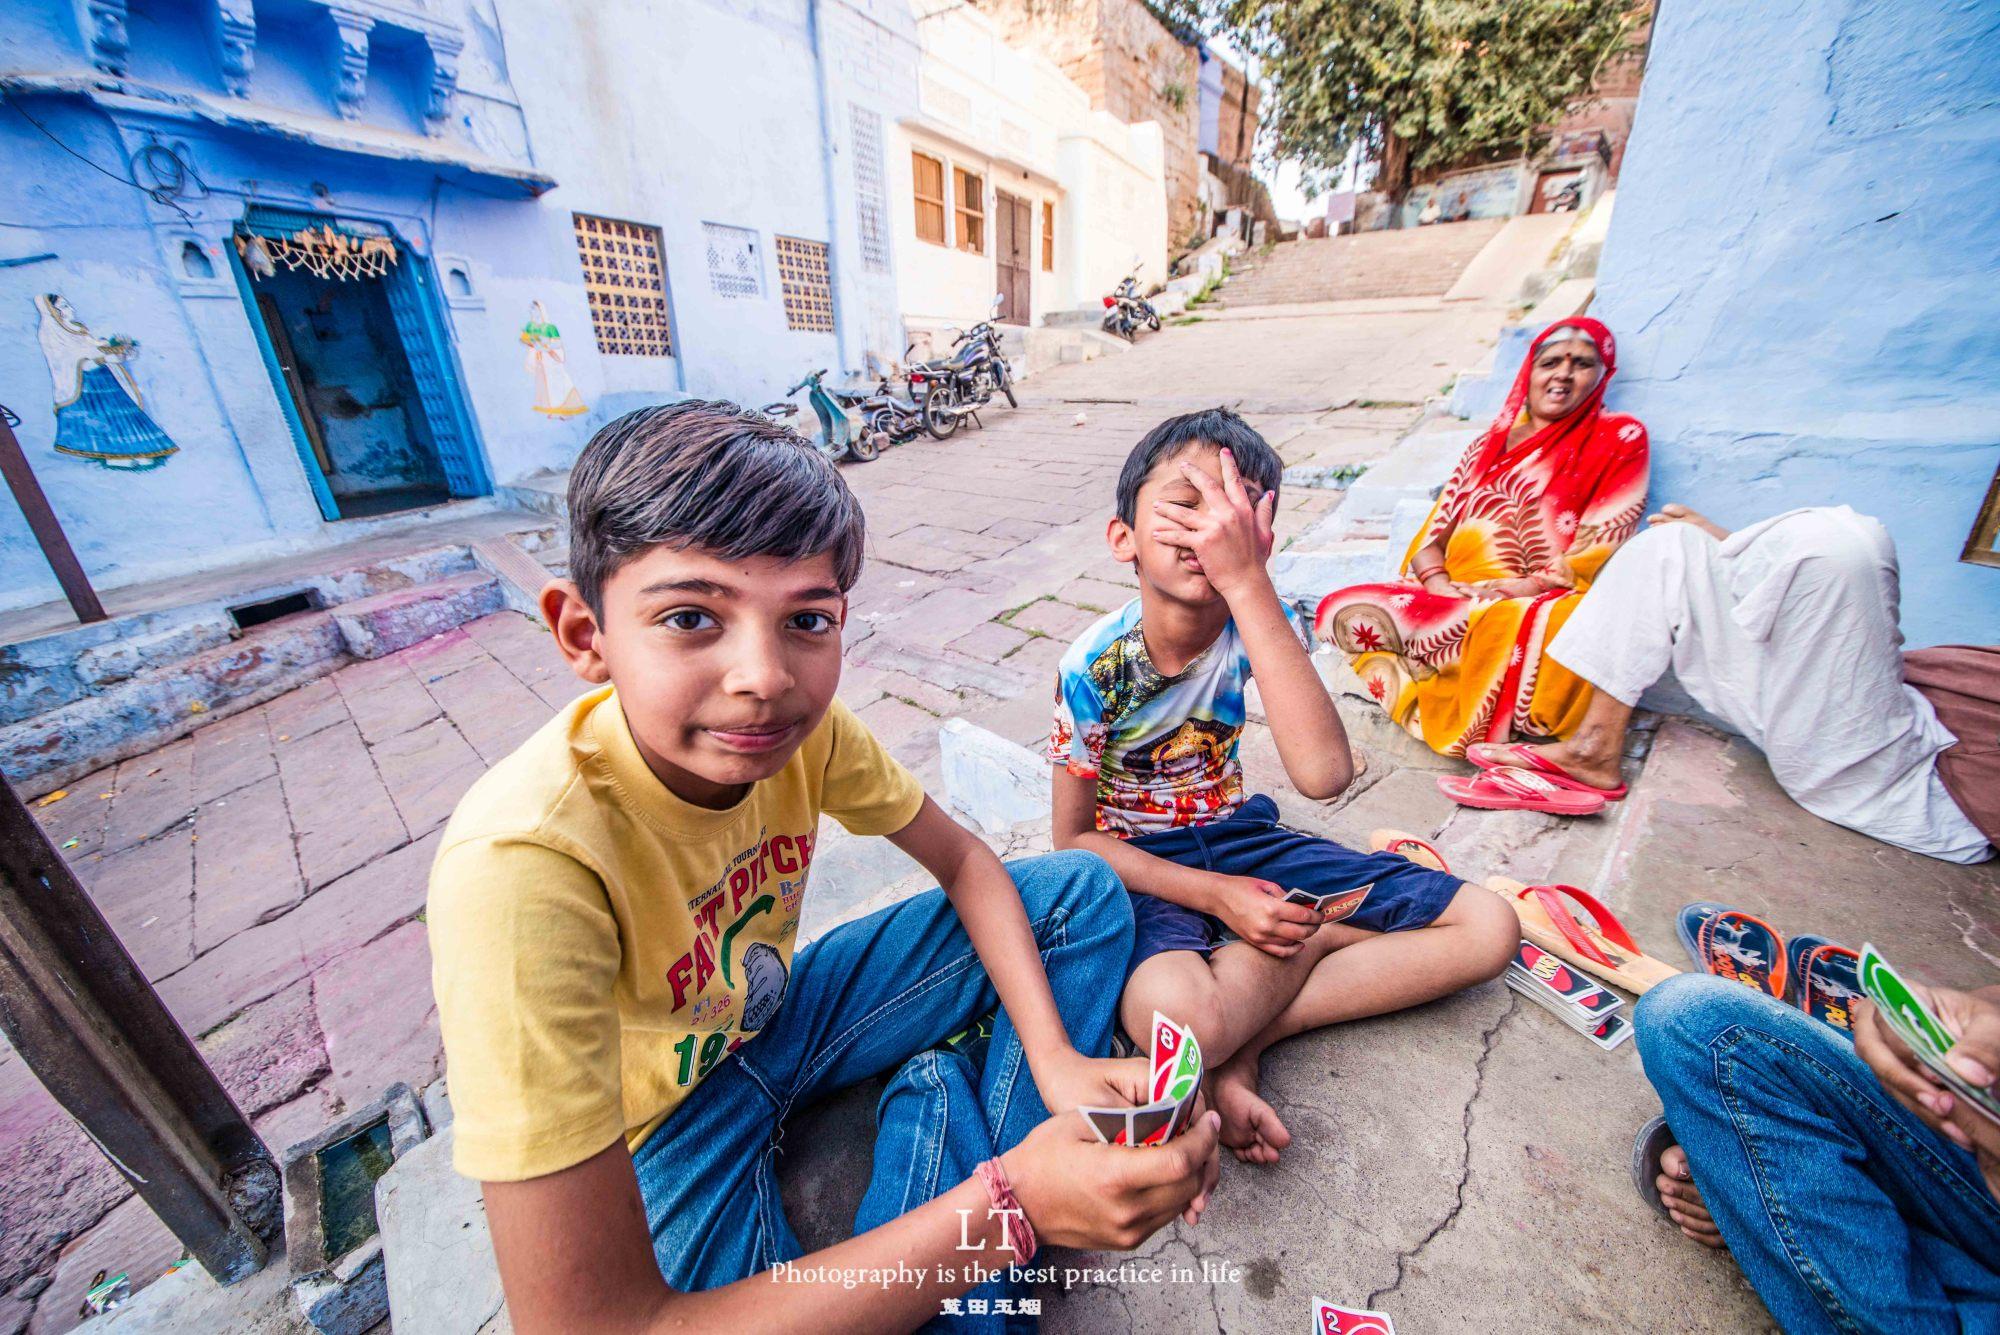 我的关键词 中国女子在印度观光,一不谨慎进了印度人家里,接下来会发生什么  消息资讯